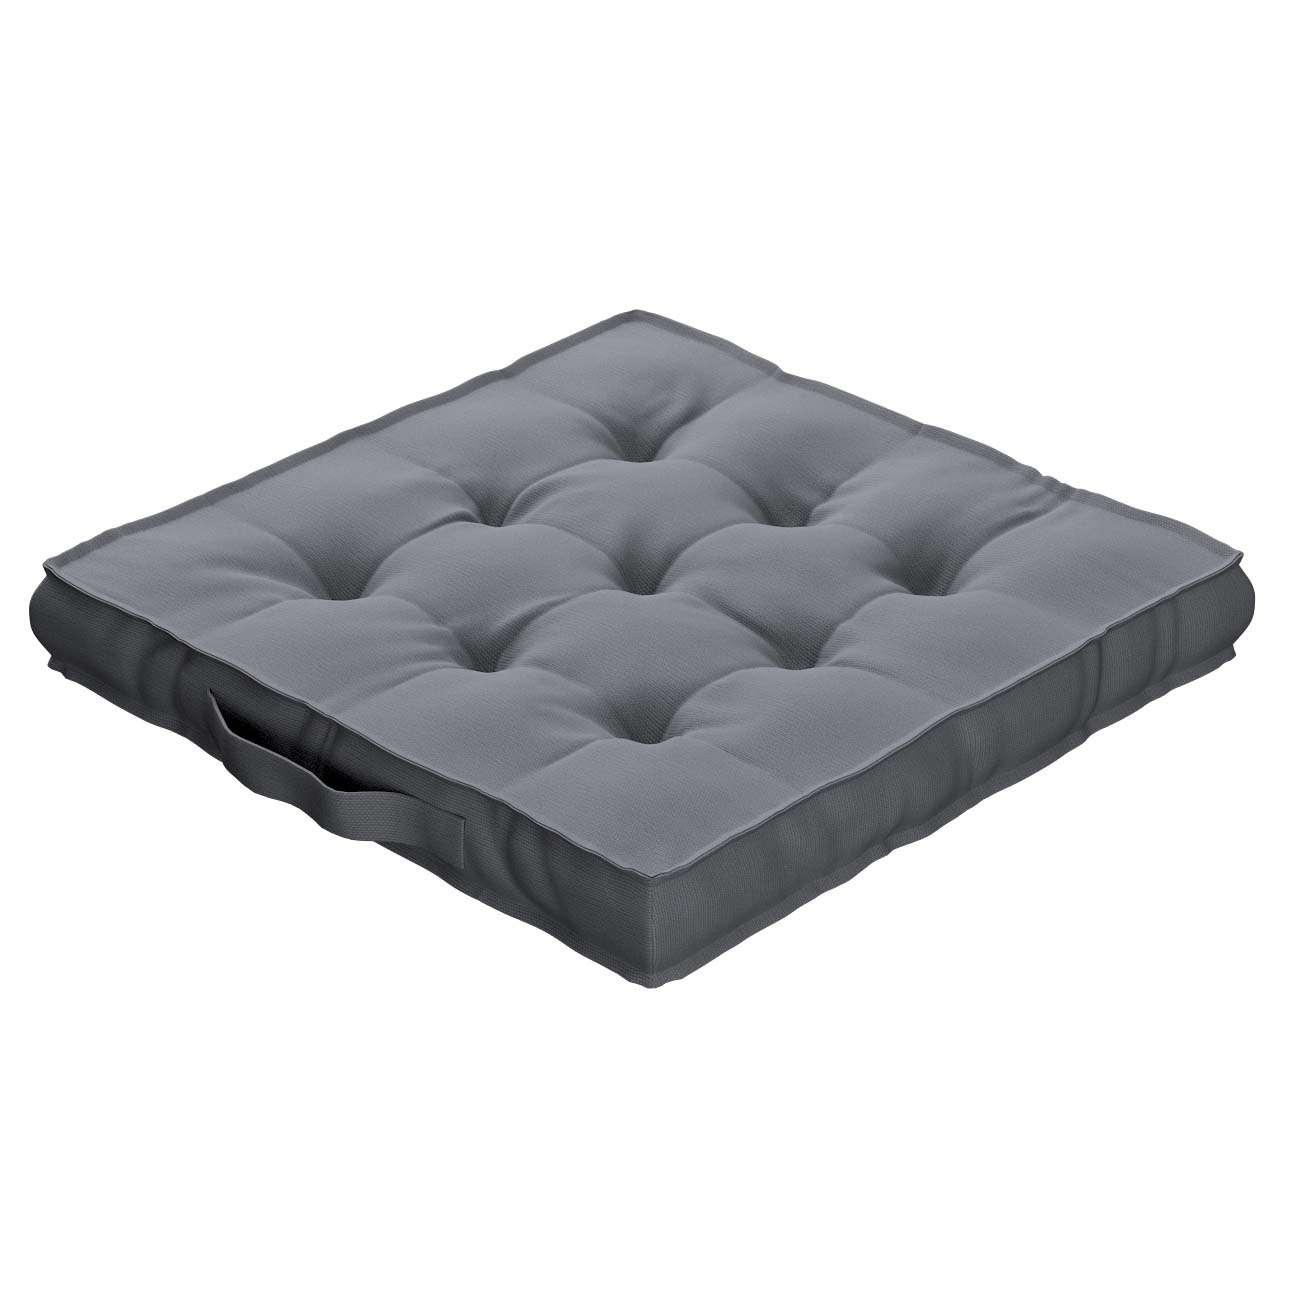 Pagalvėlė Kuba kėdei/ant grindų 40 x 40 x 6 cm kolekcijoje Cotton Panama, audinys: 702-07